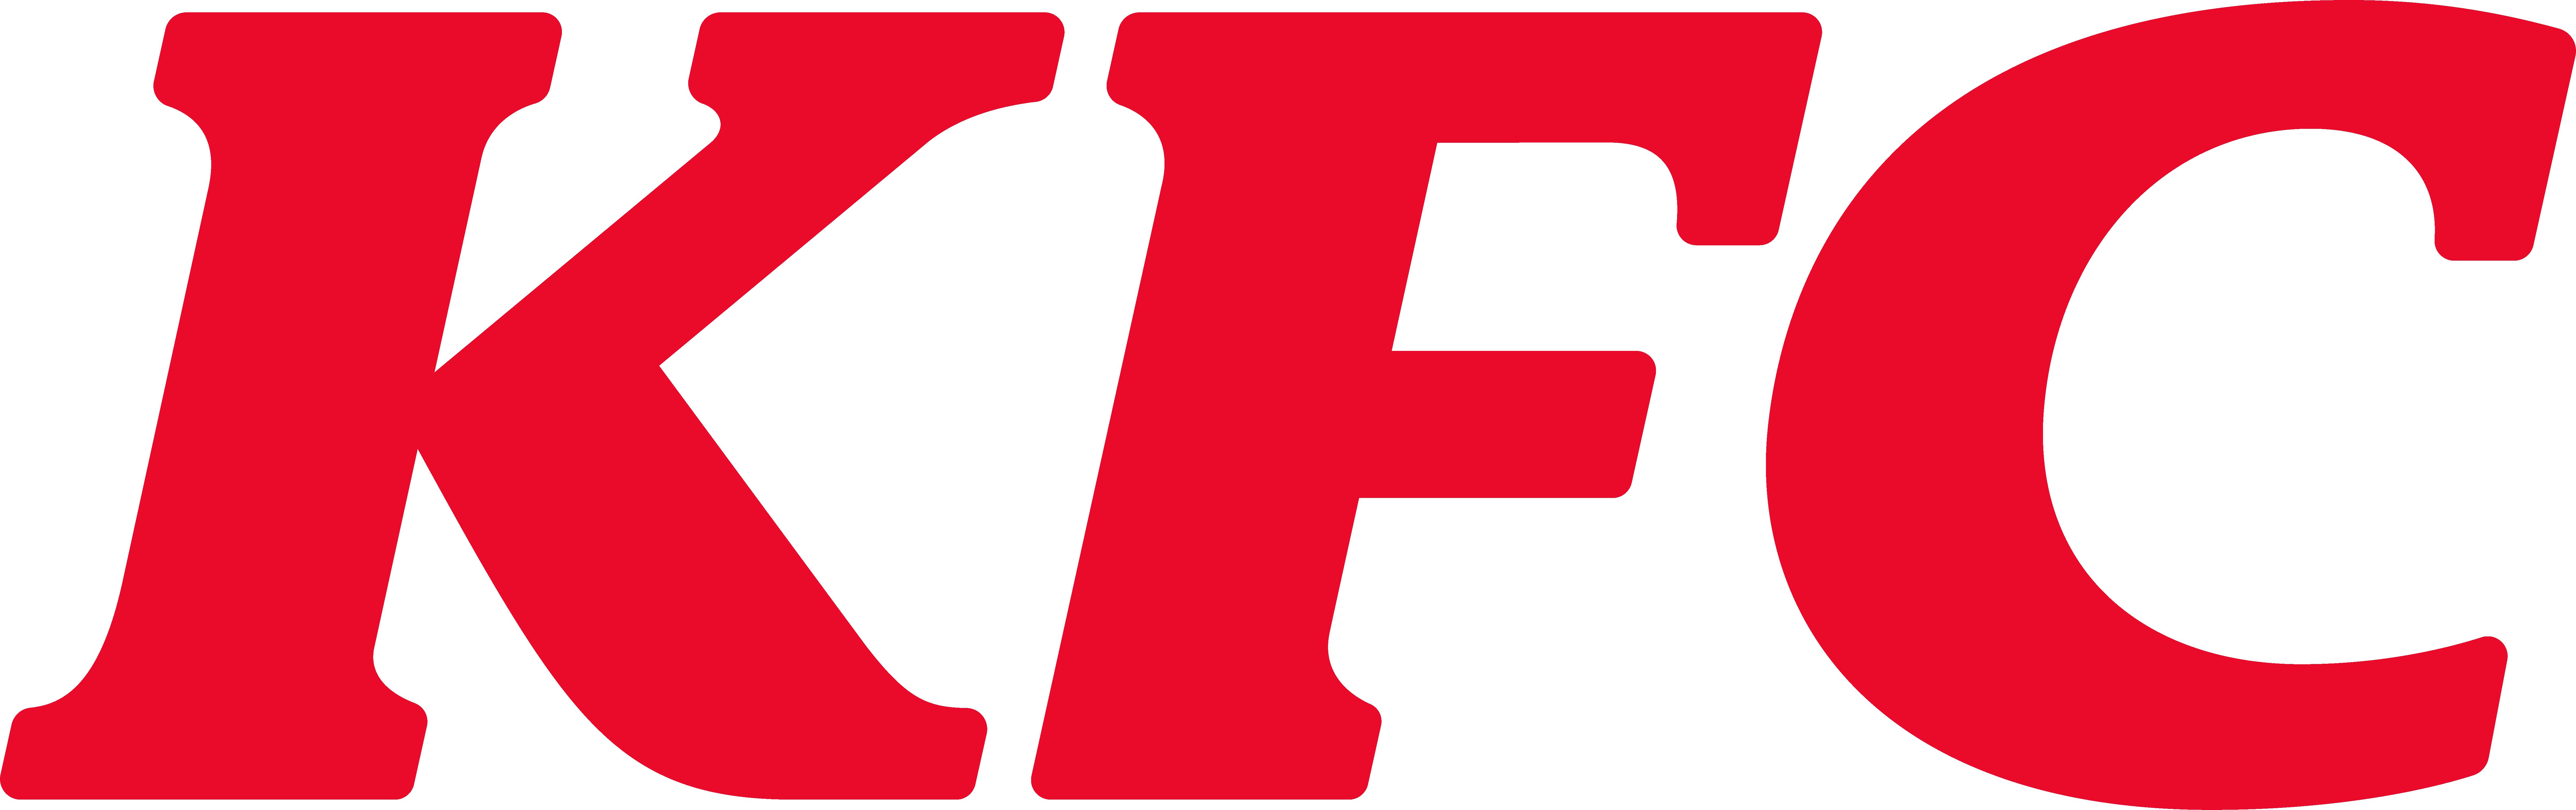 KFC_Logos-02